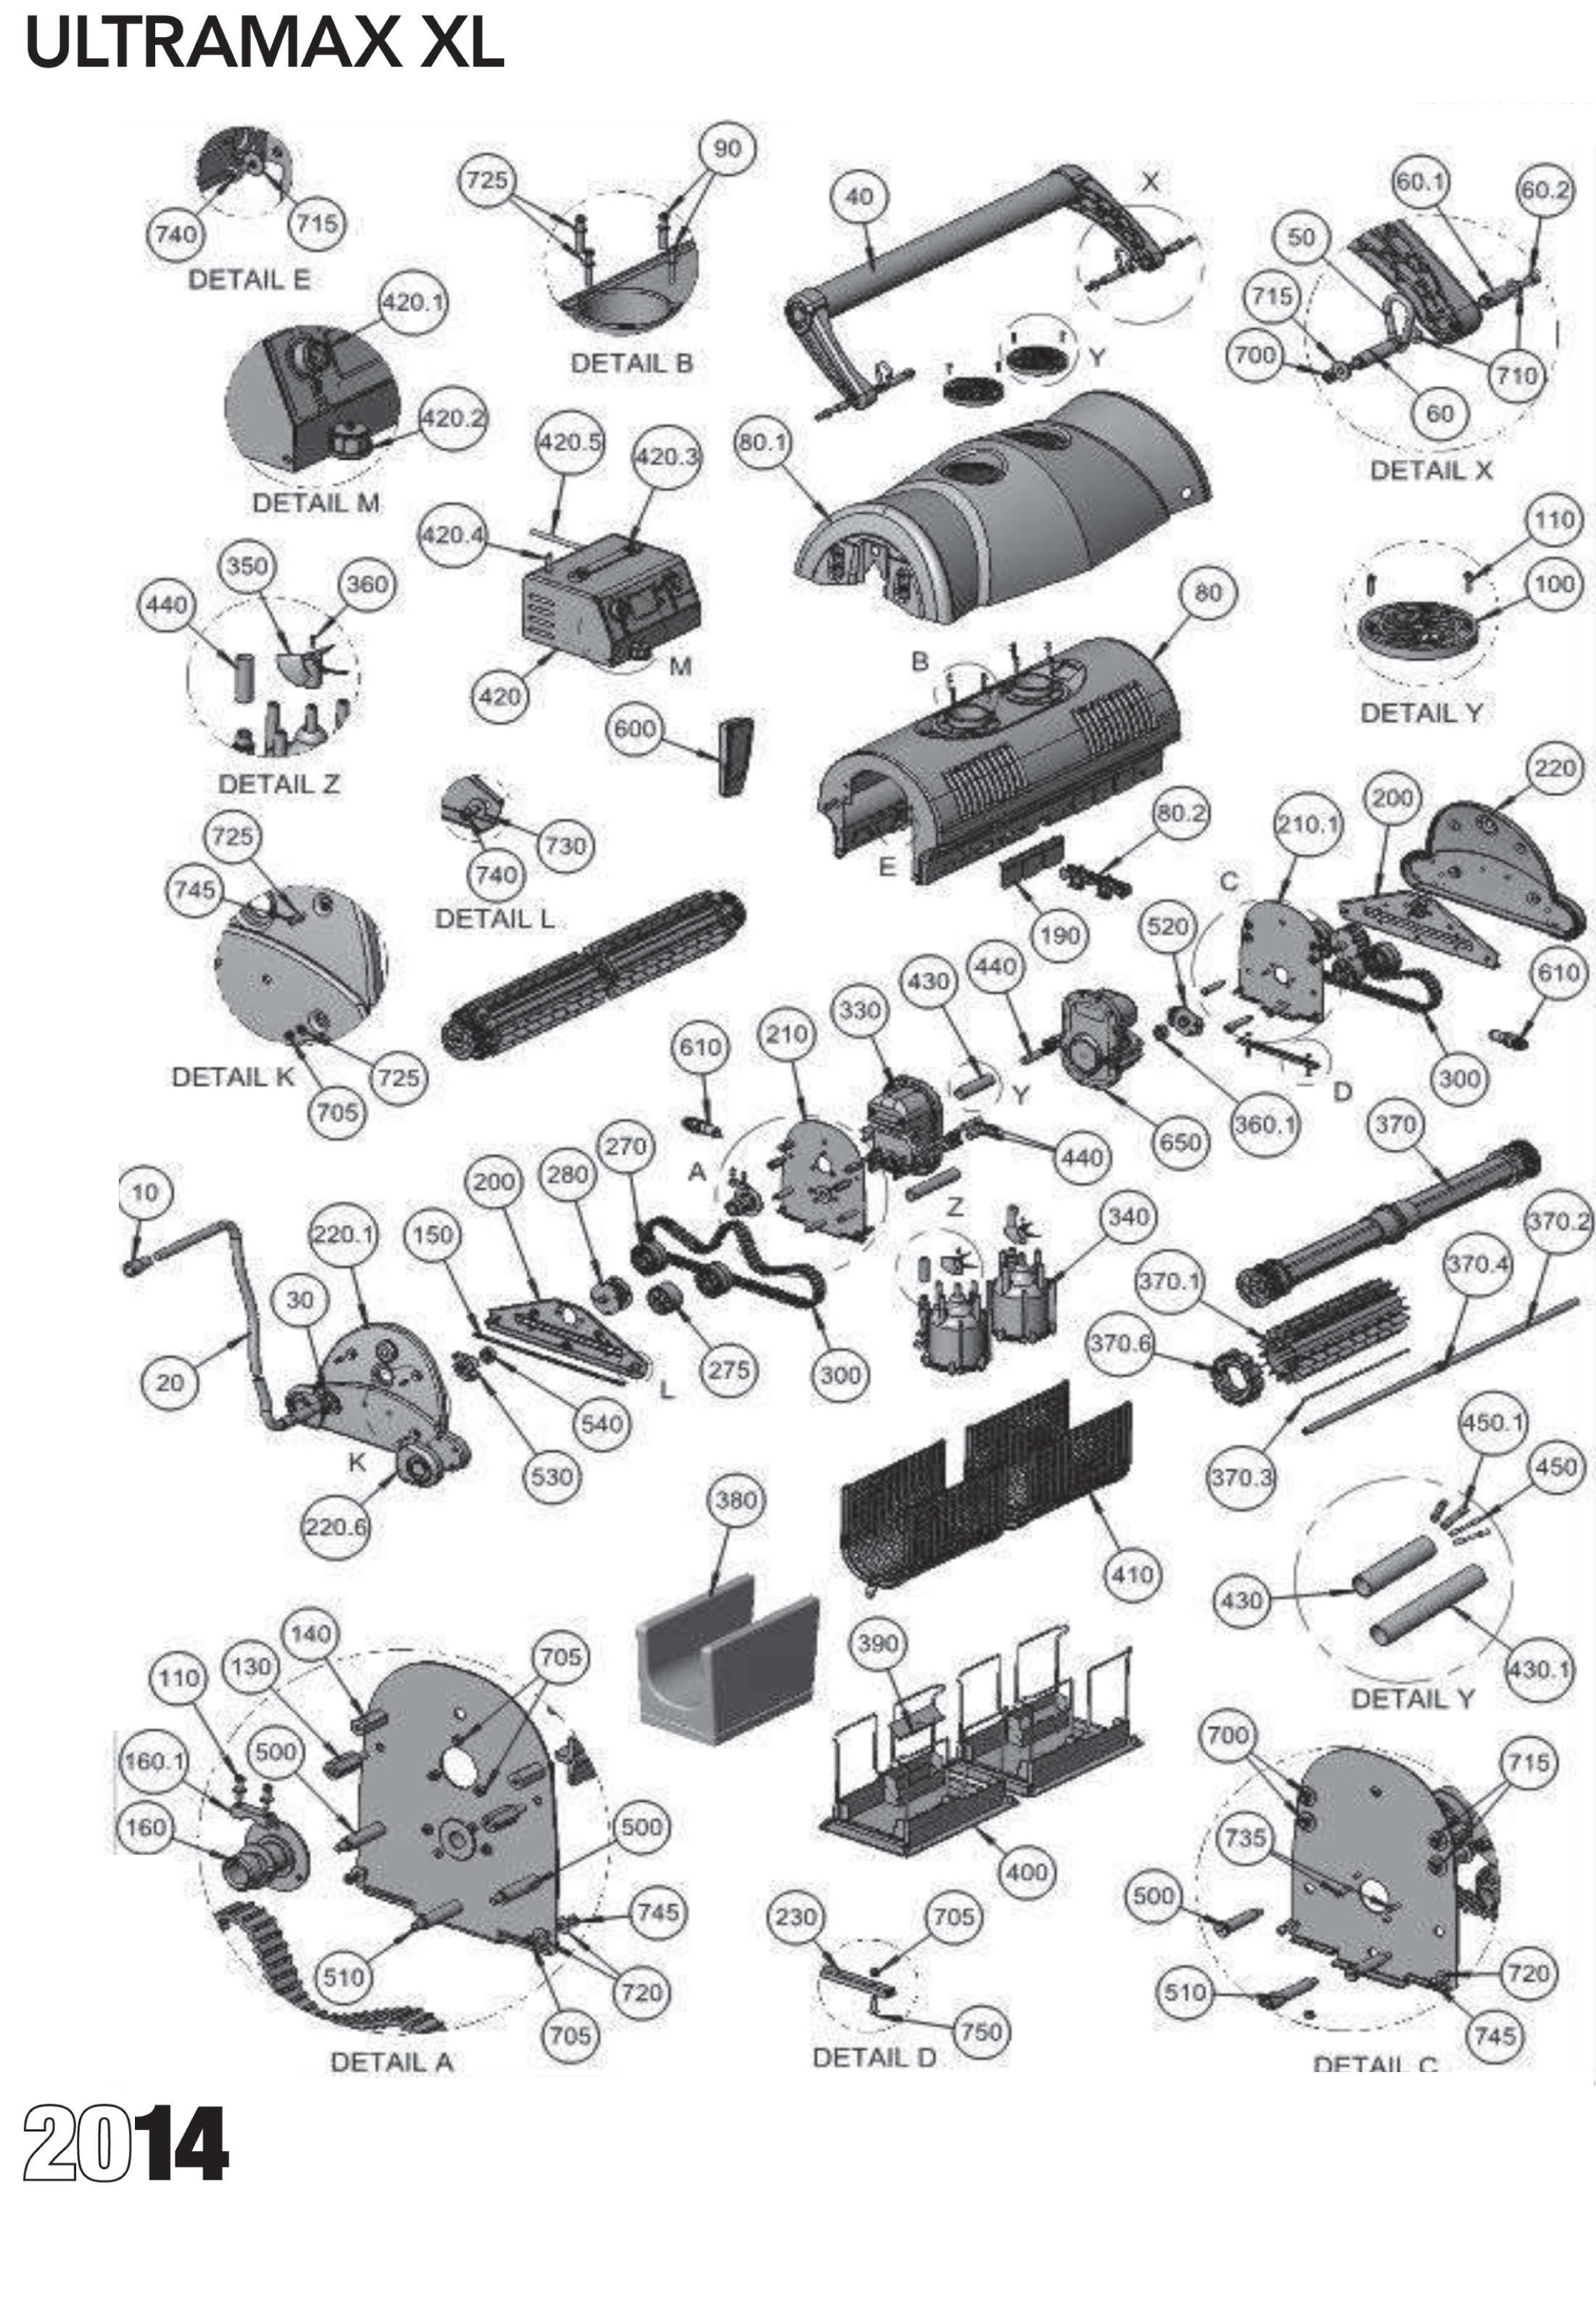 Ultramax Xl Parts Diagram And Parts List